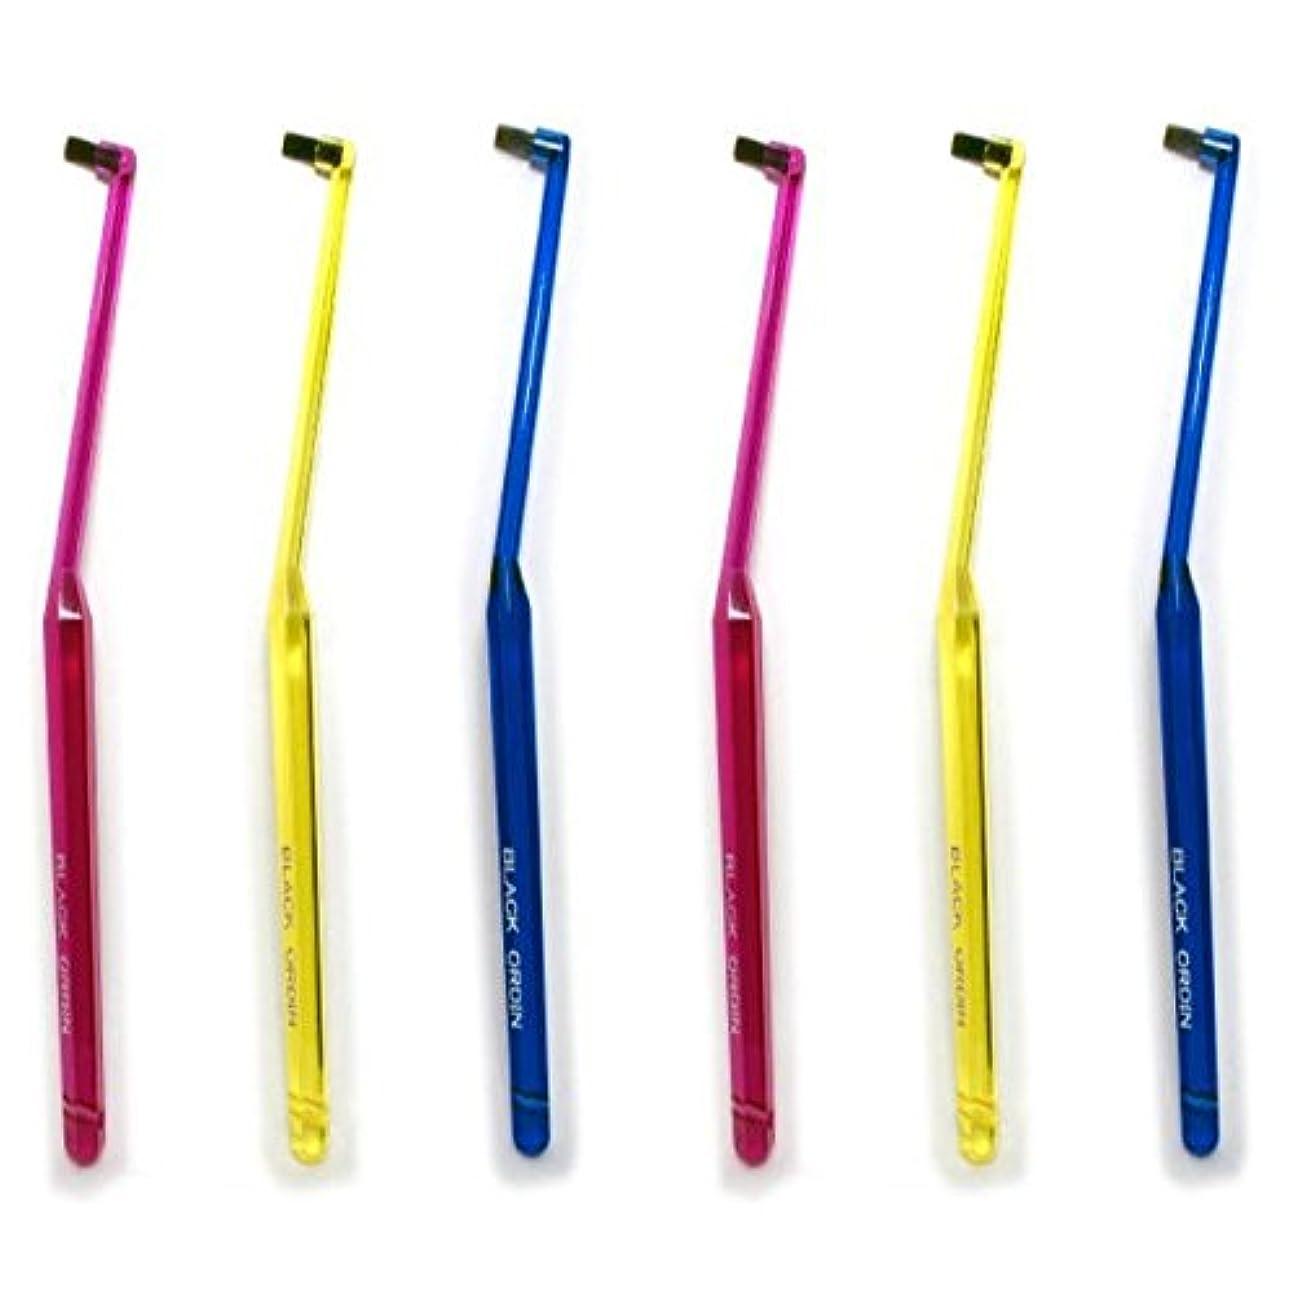 インド隙間自体ワンタフトブラシ ブラックオーディン ワンタフト×6本セット 部分用歯ブラシ 歯磨き 歯ブラシ